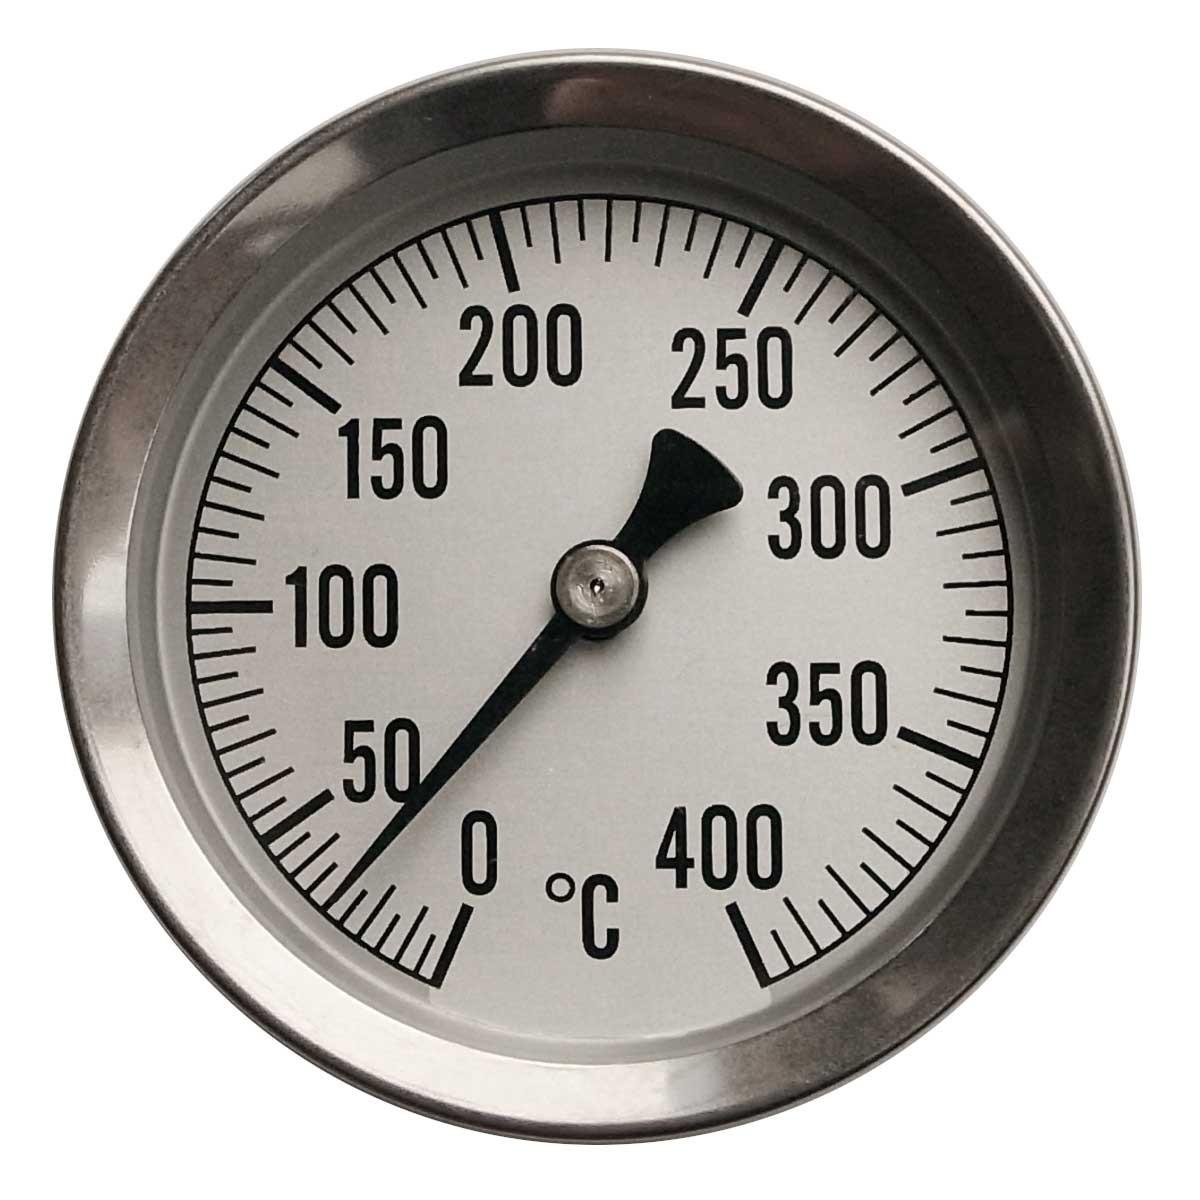 煙突や薪ストーブの高温が測定できる温度計